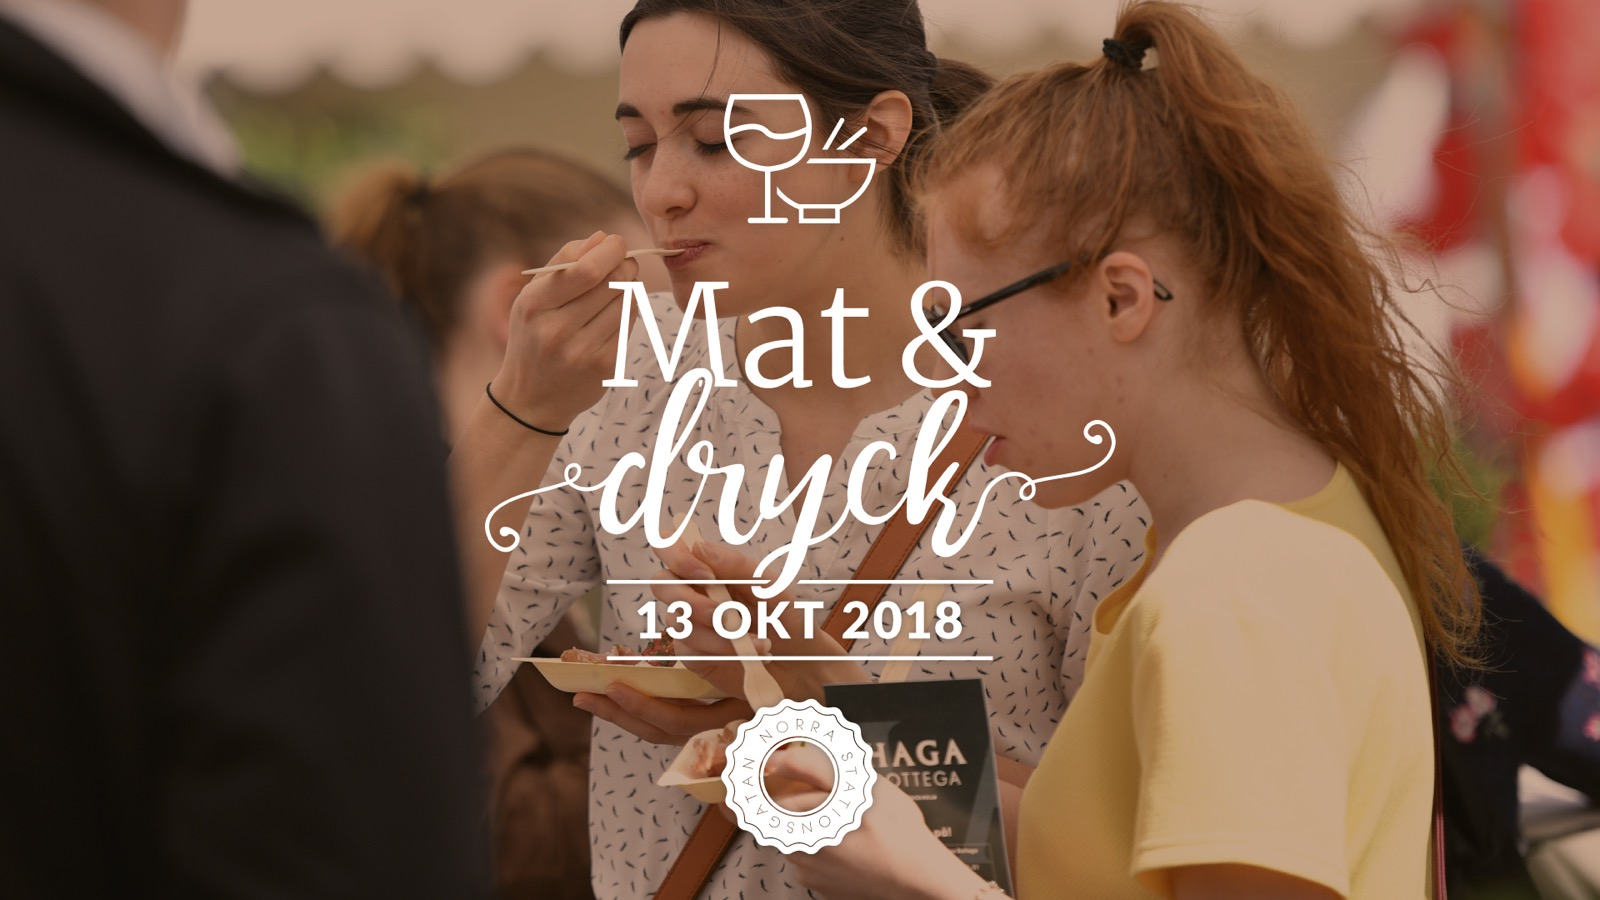 Mat-Dryck-Okt-2018-1920x1080px-2.jpg